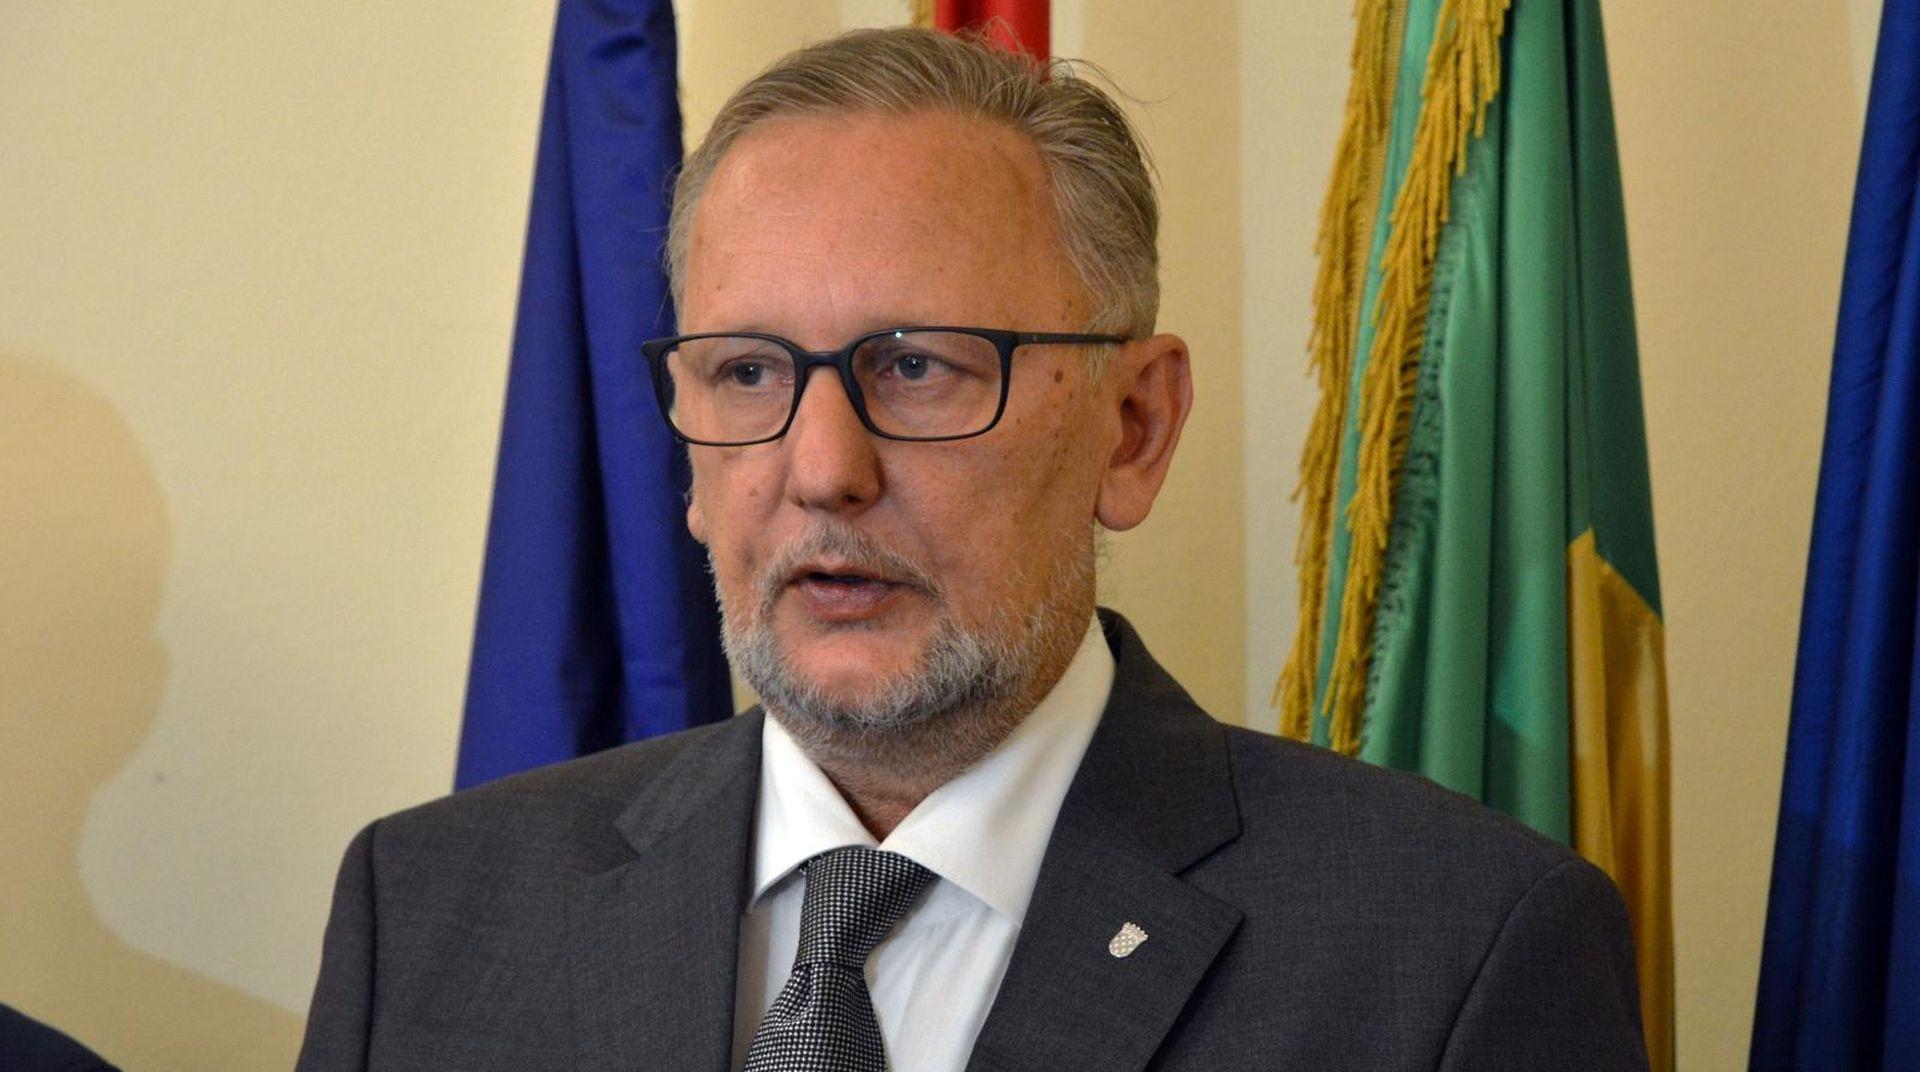 Božinović komentirao prelazak Zeljko pod okrilje MUP-a